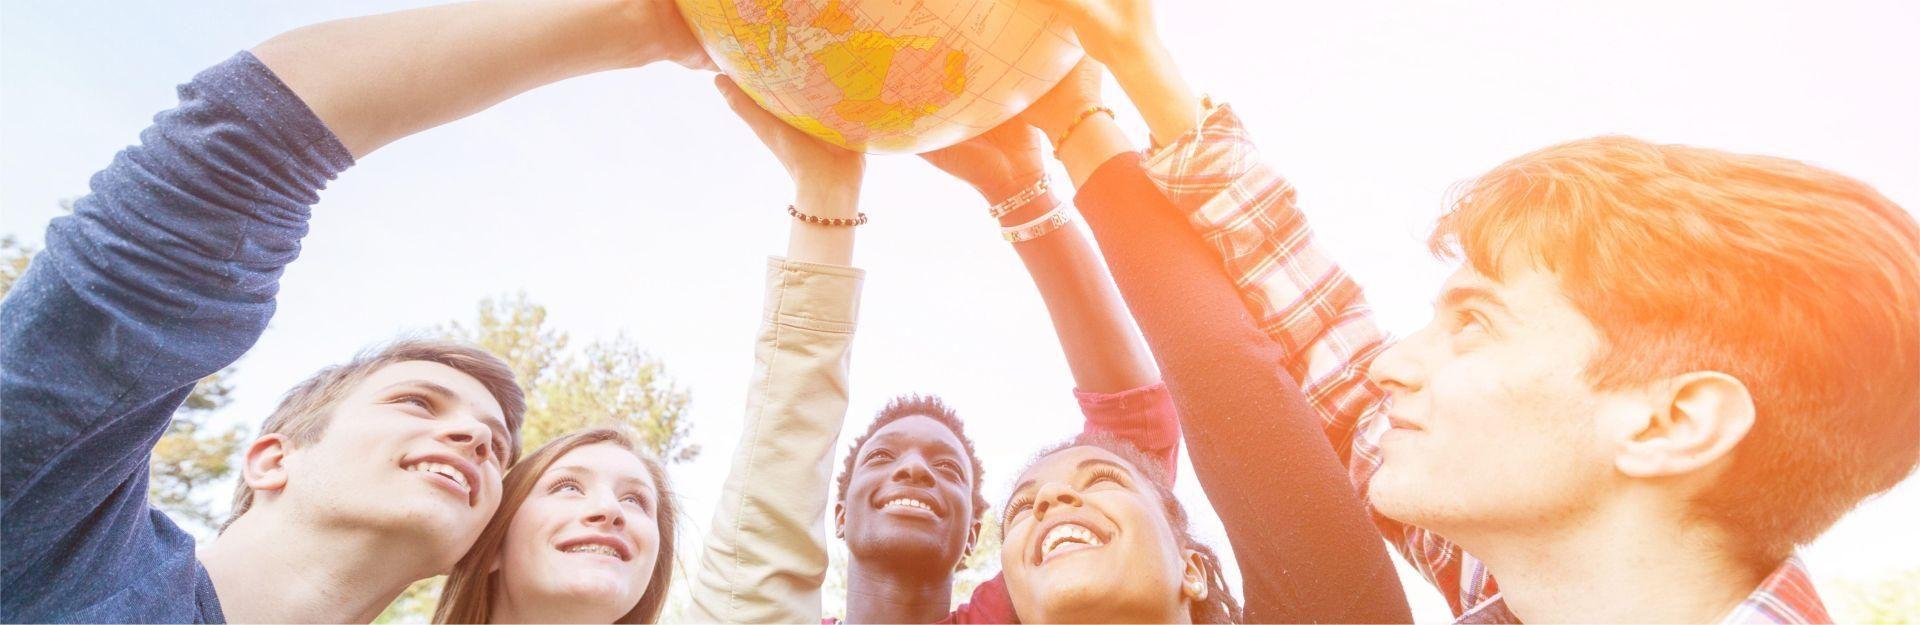 eine Gruppe von Studierenden hält Globus in die Höhe